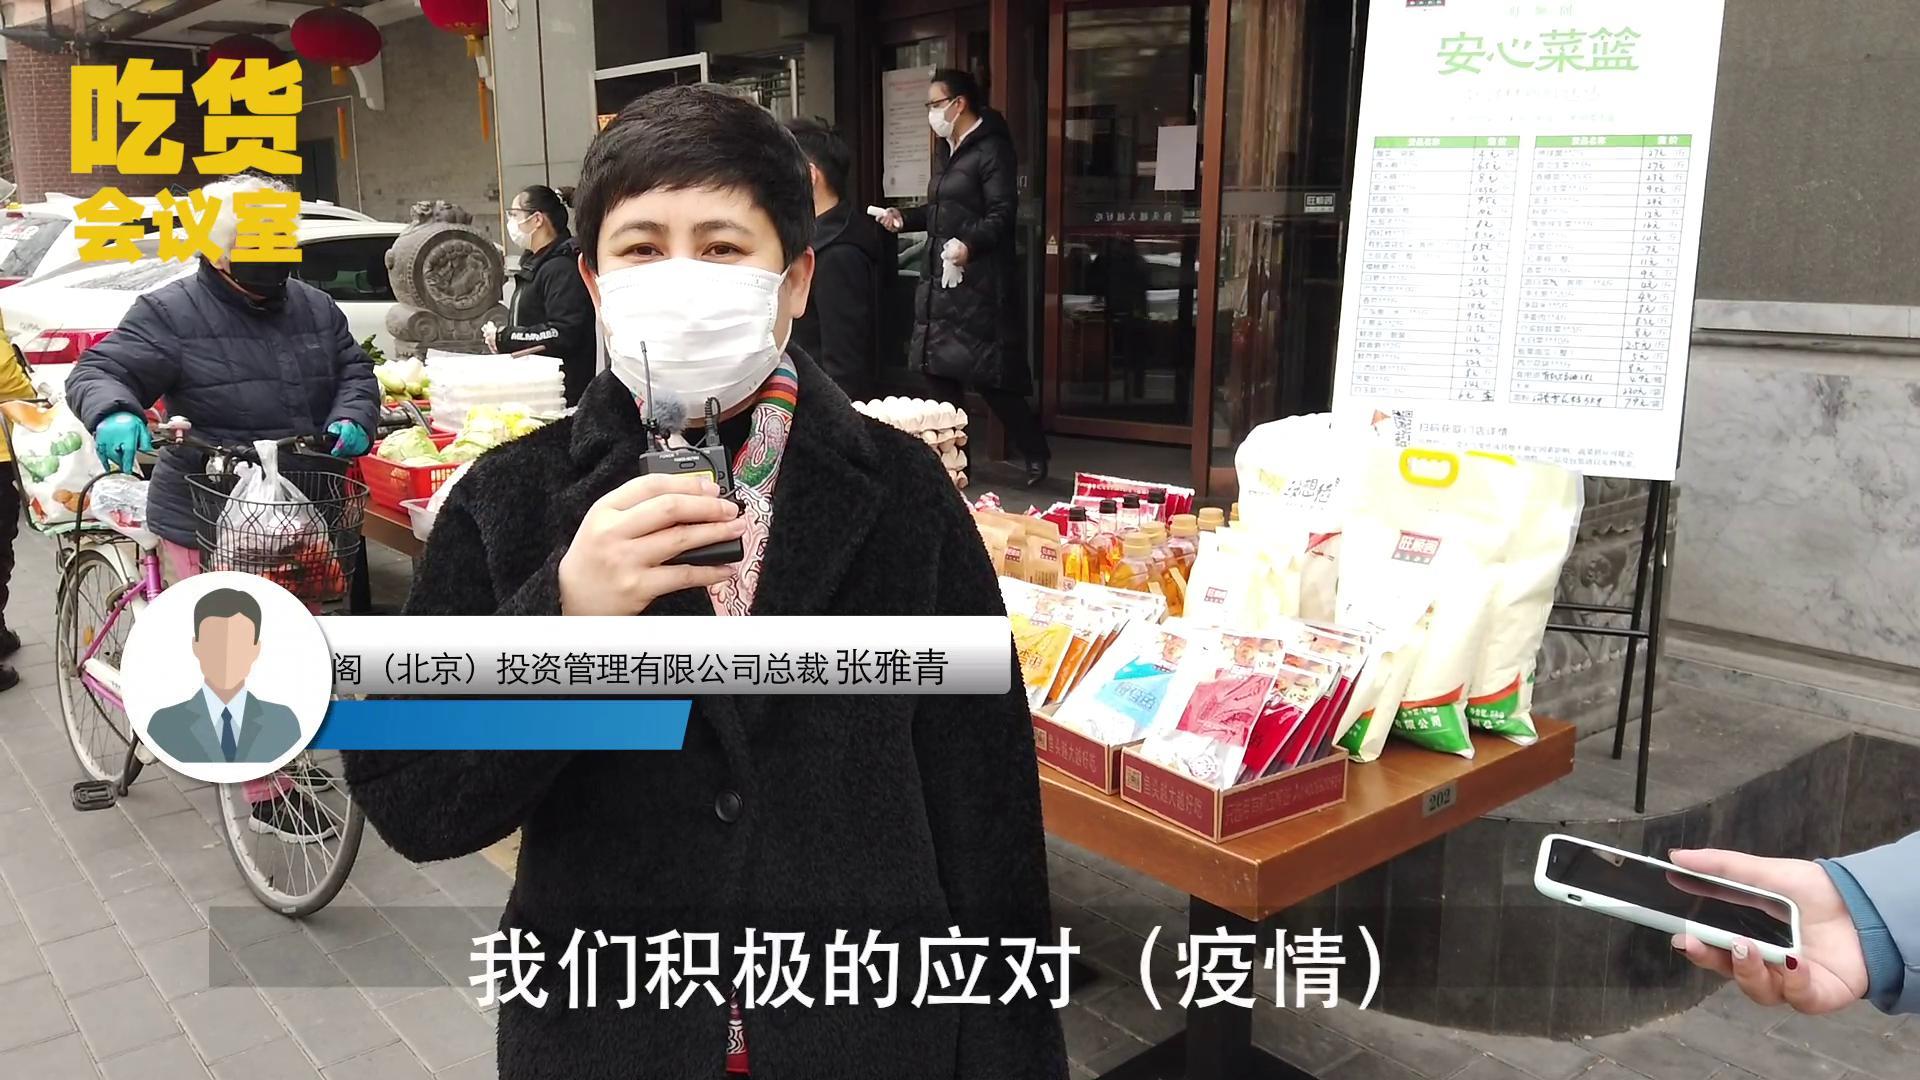 旺顺阁总裁张雅青:疫情之下社区商业显商机